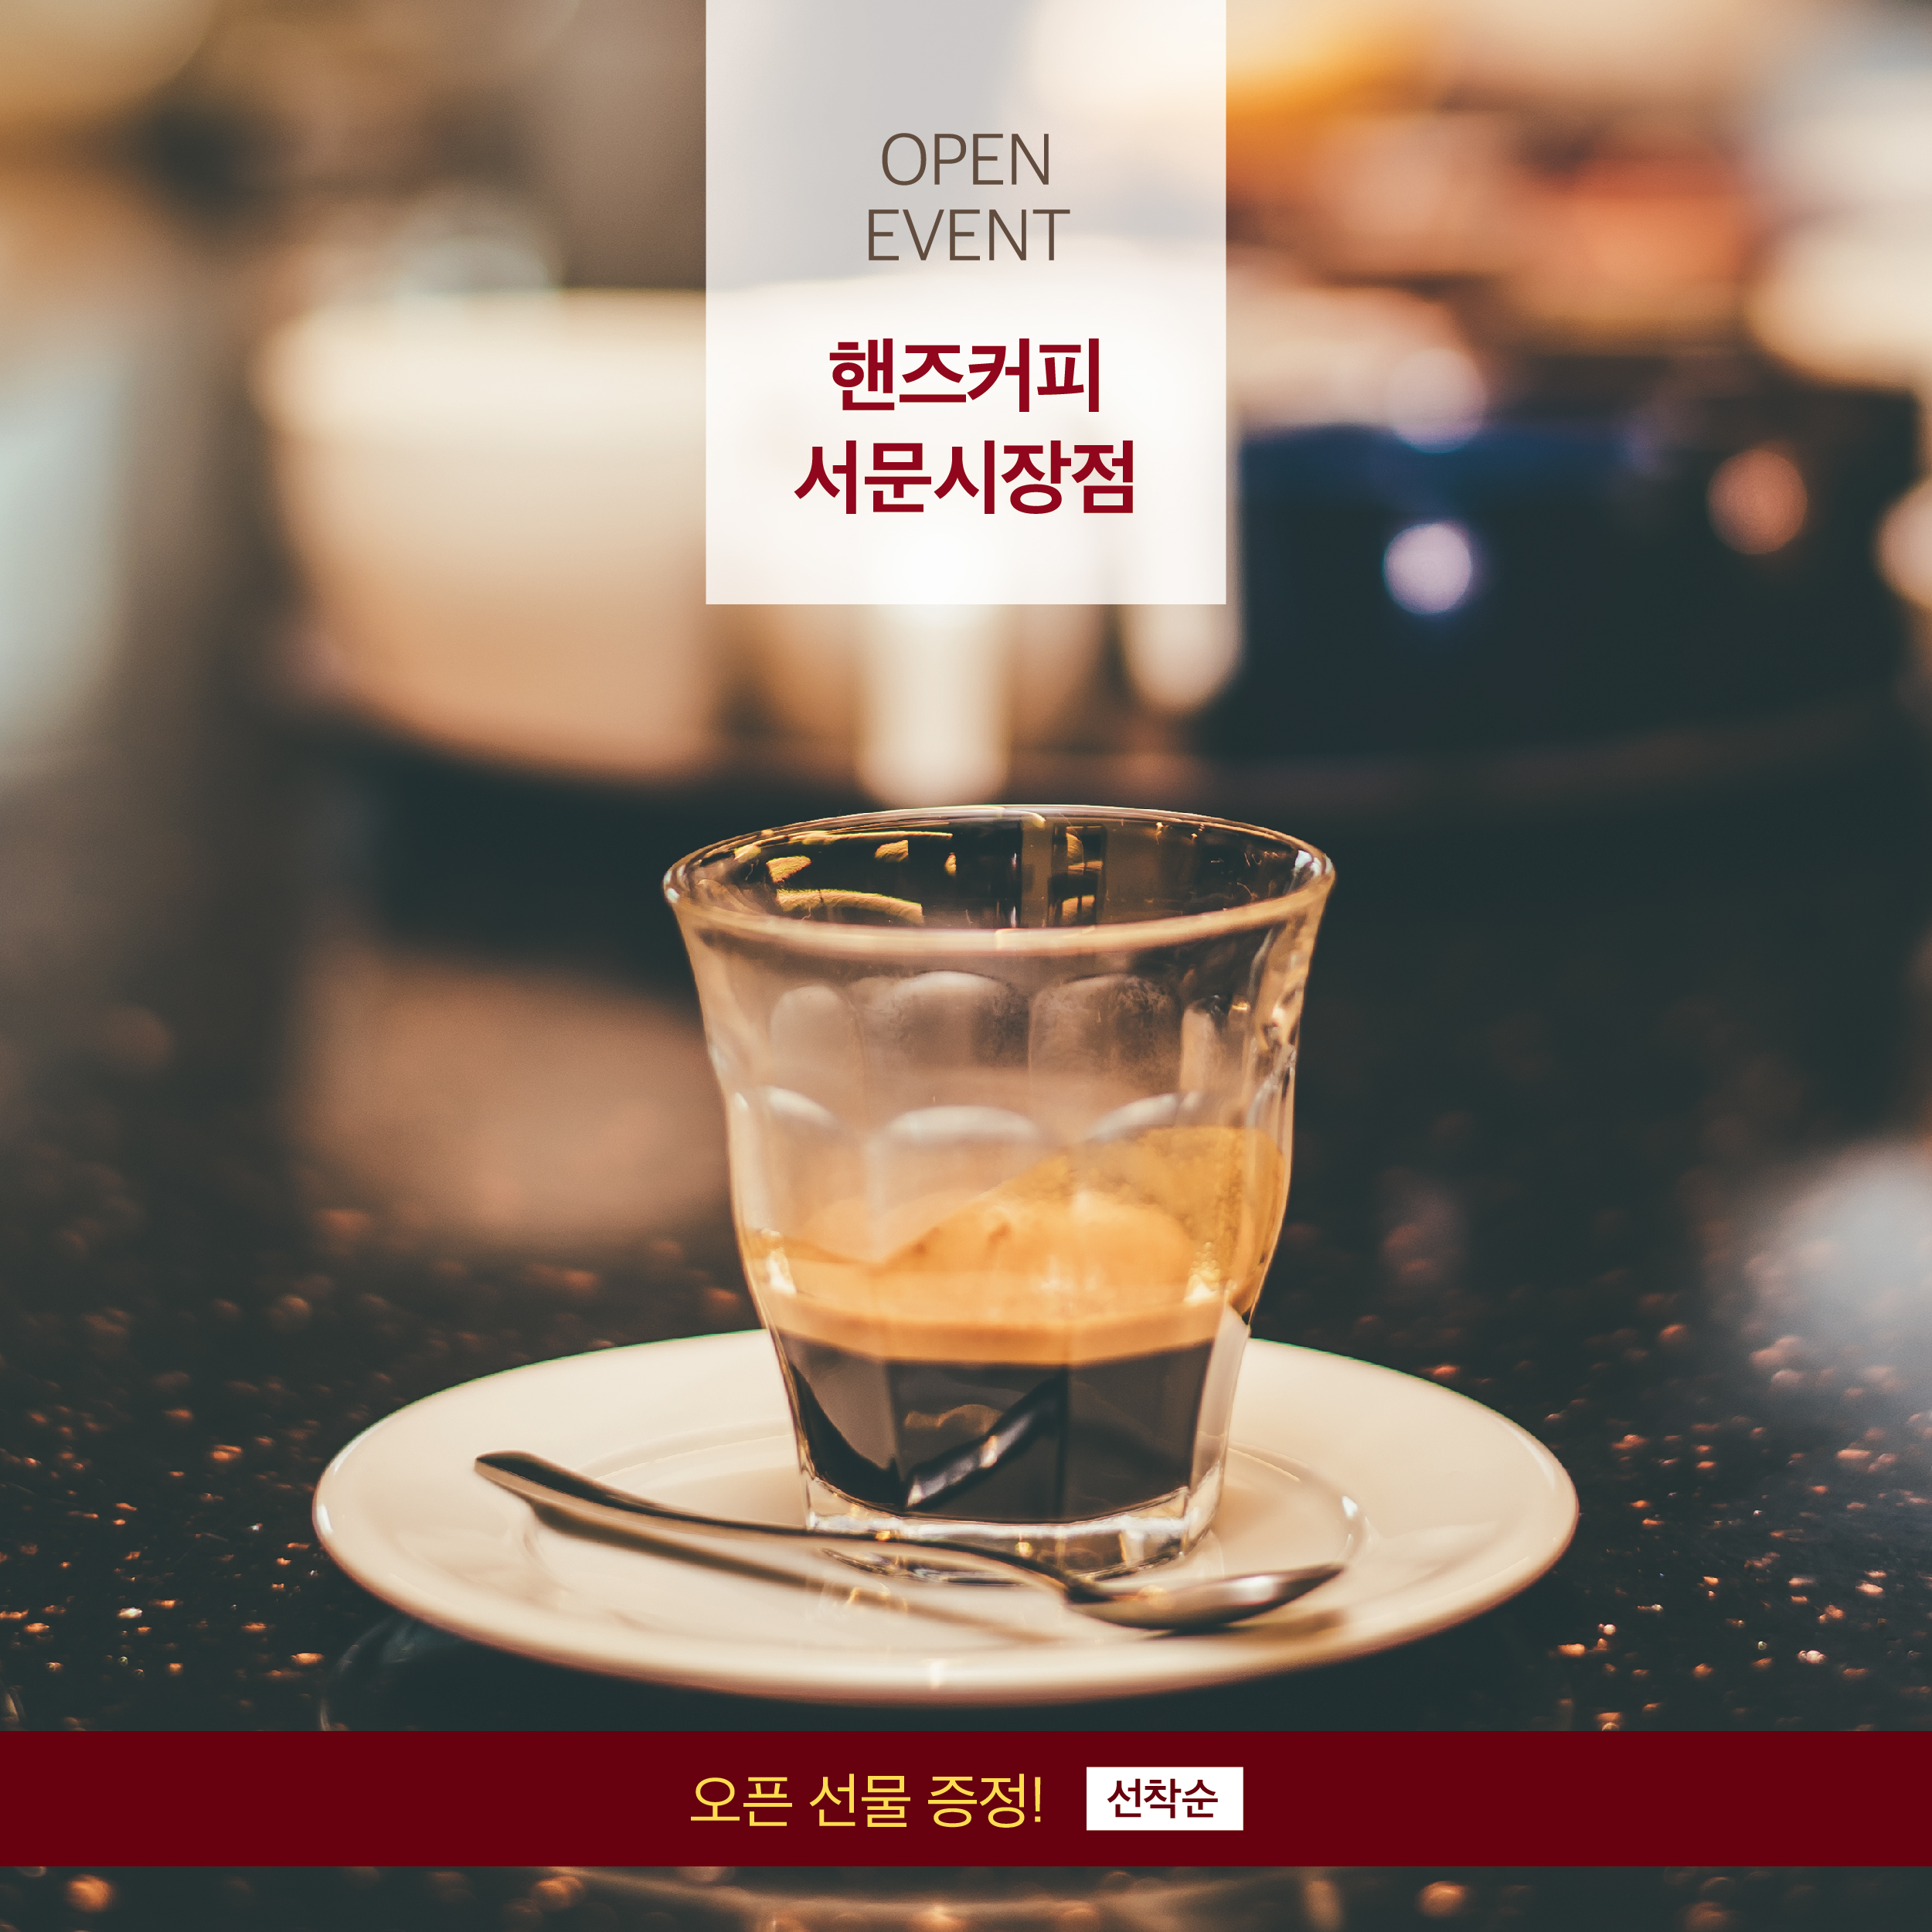 서문시장점 오픈페이스북-01.jpg